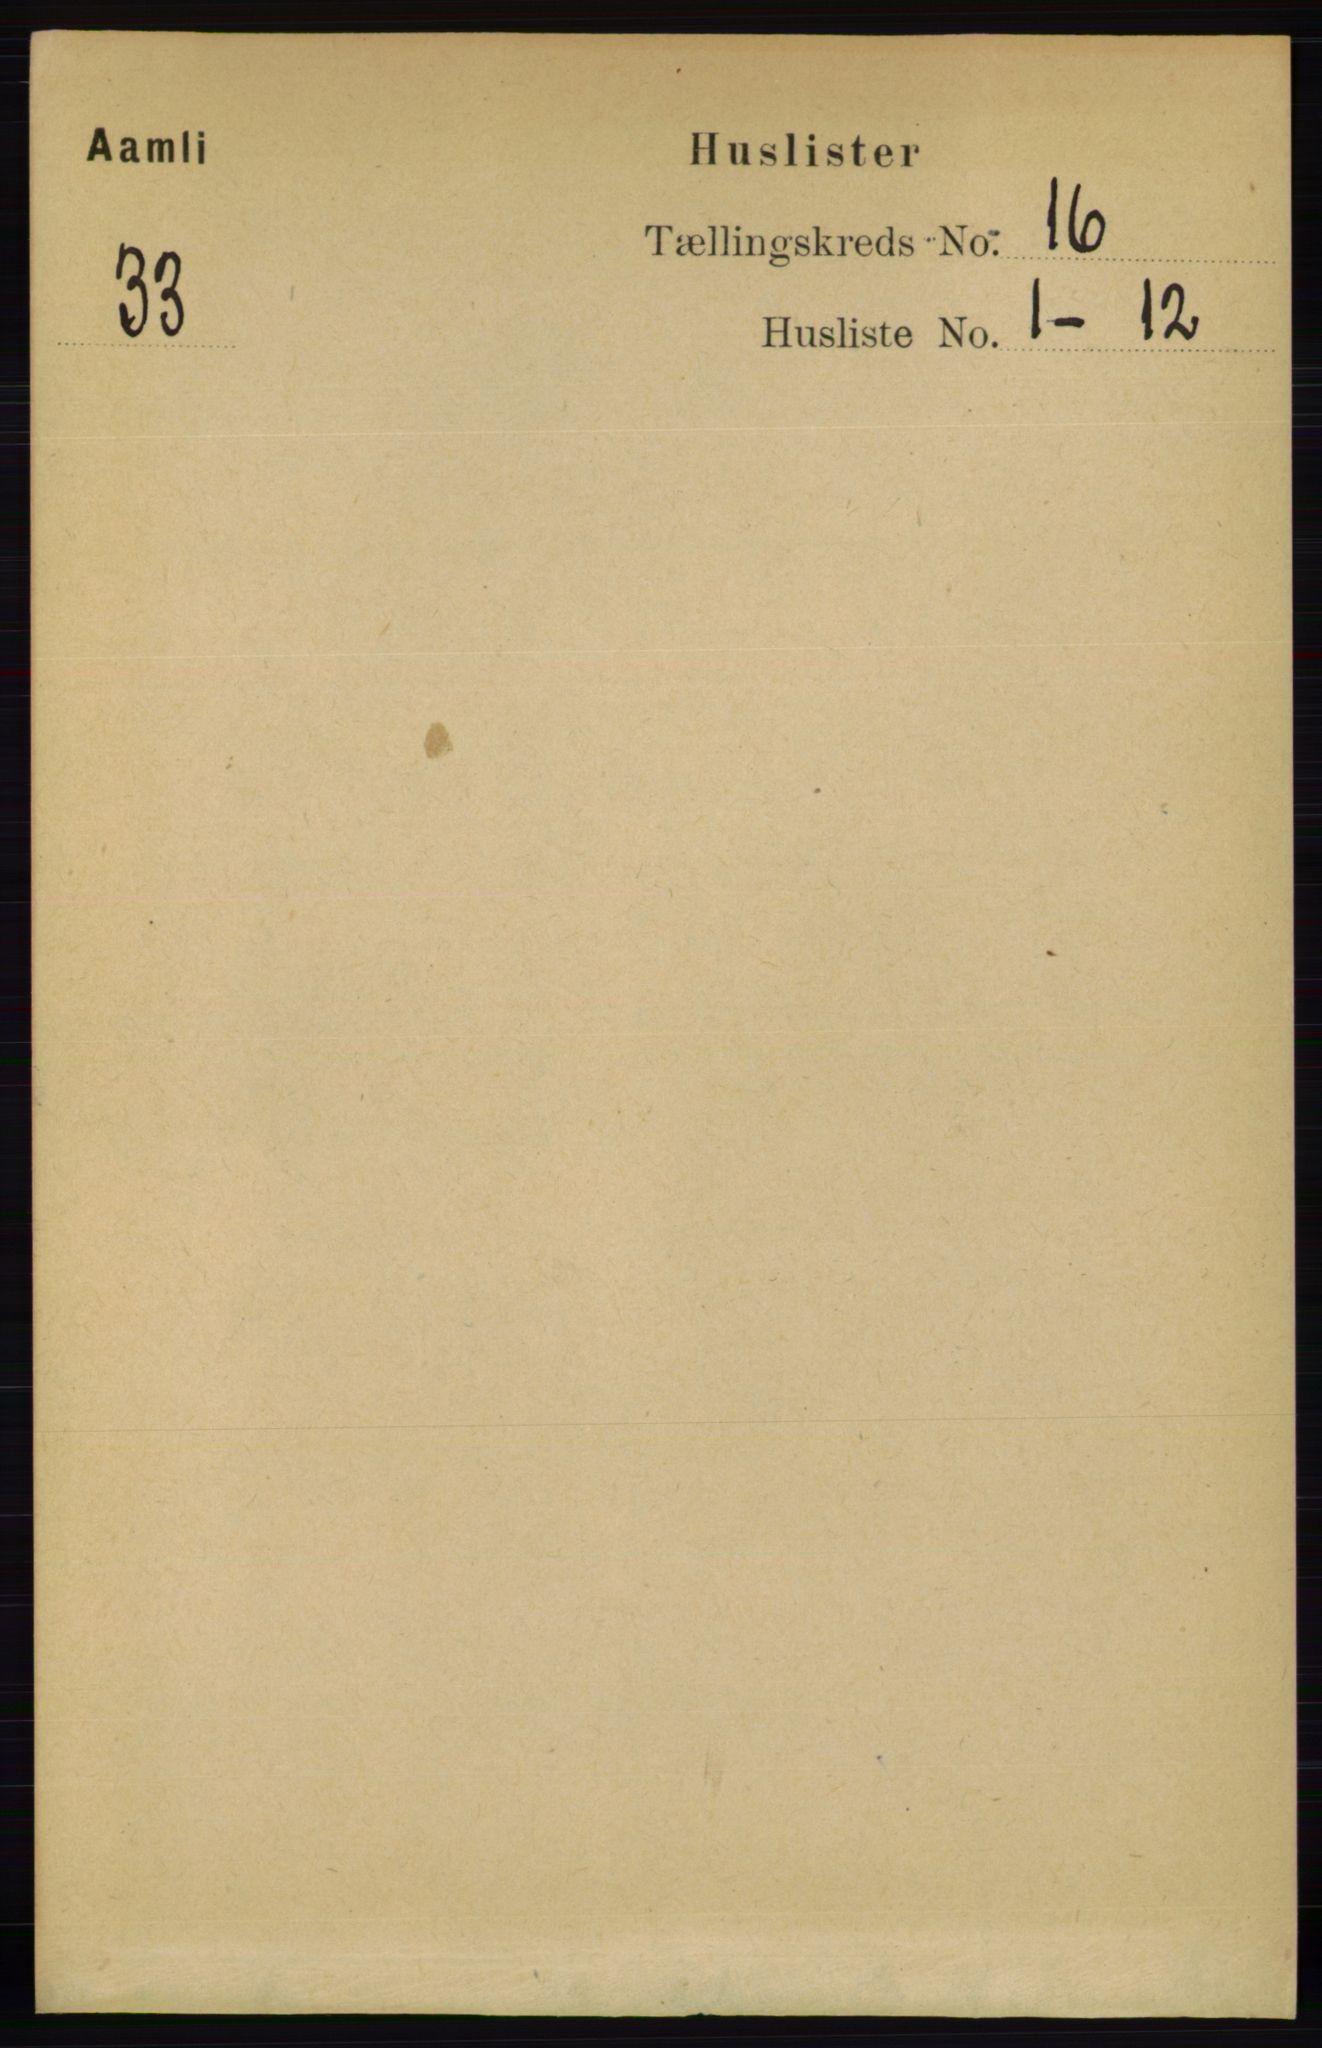 RA, Folketelling 1891 for 0929 Åmli herred, 1891, s. 2667